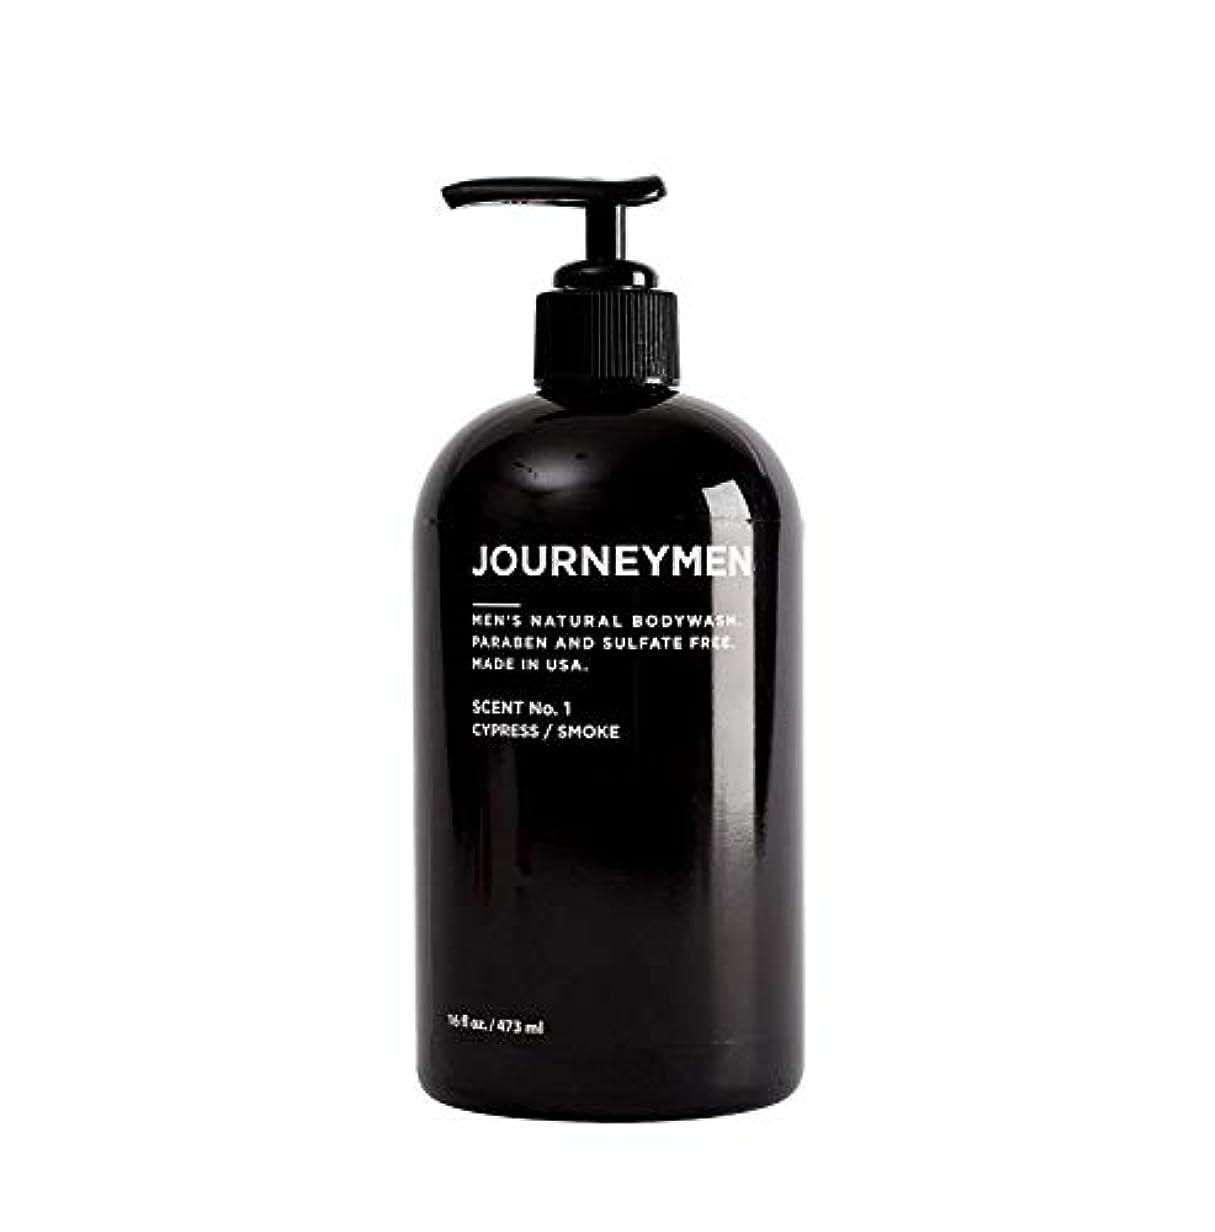 証明する地震蒸留するJourneymen Natural Body Wash 16 oz/473 ml ジャーニーメンナチュラルボディウォッシュ